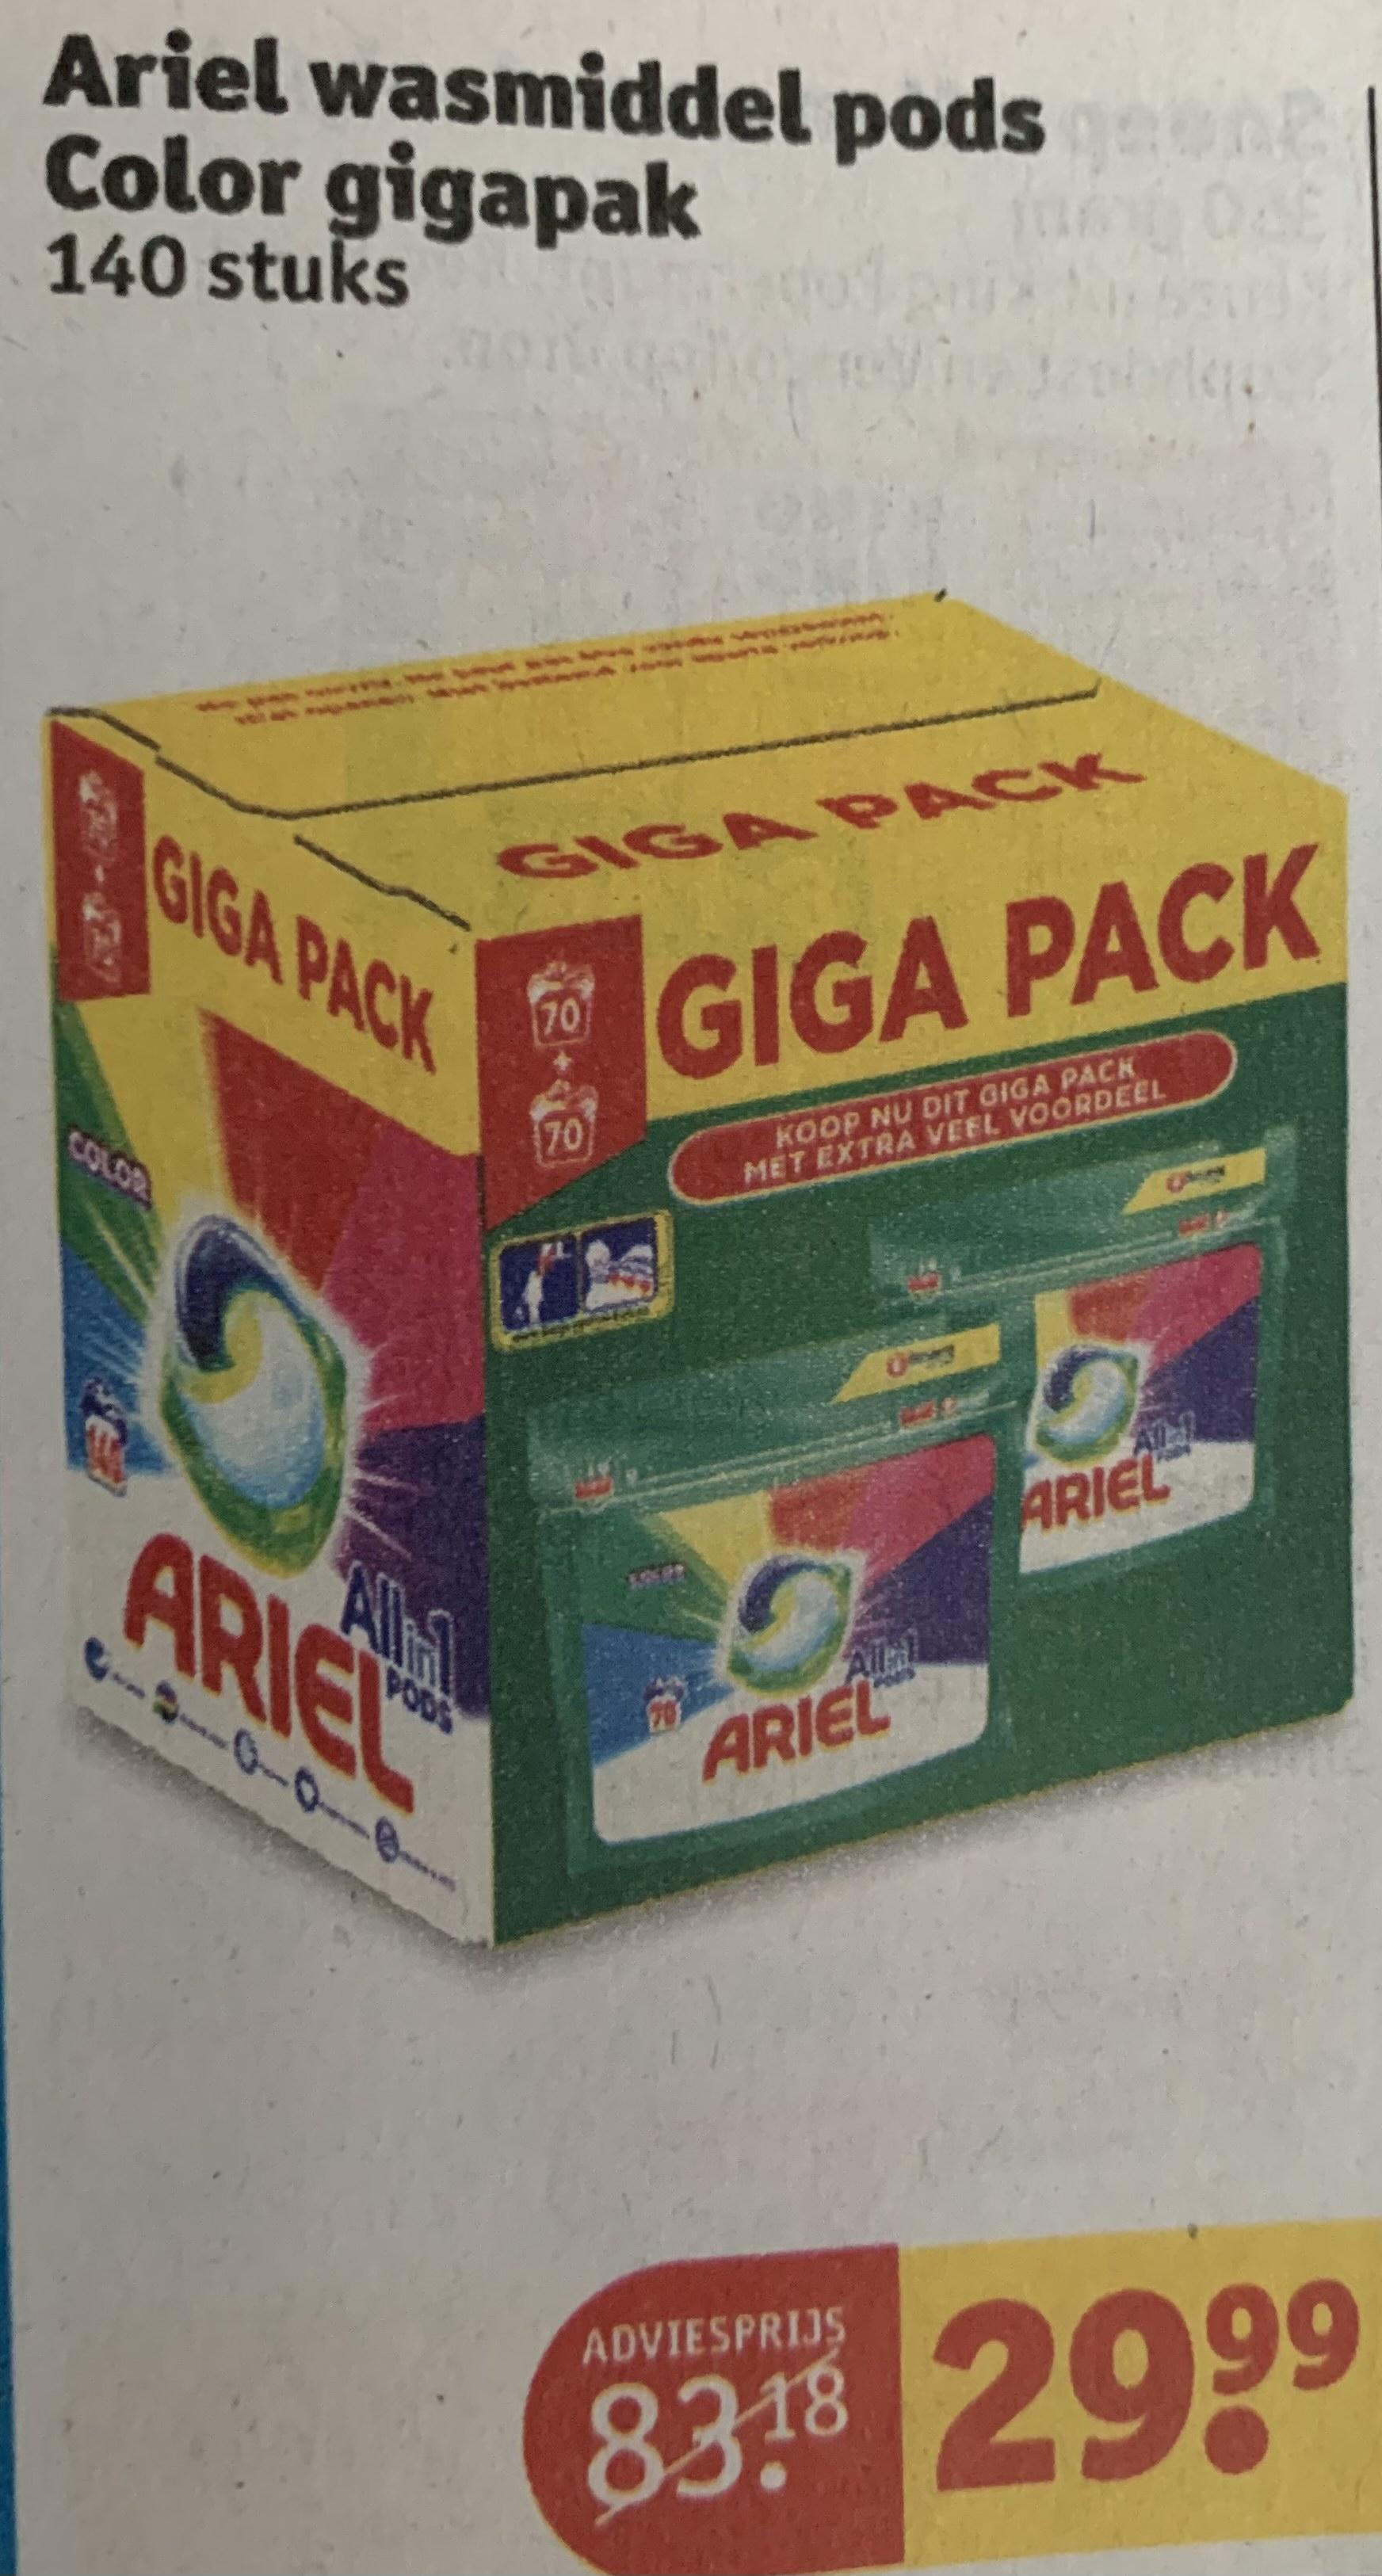 Ariel wasmiddel pods Color gigapak €30 euro Kruidvat